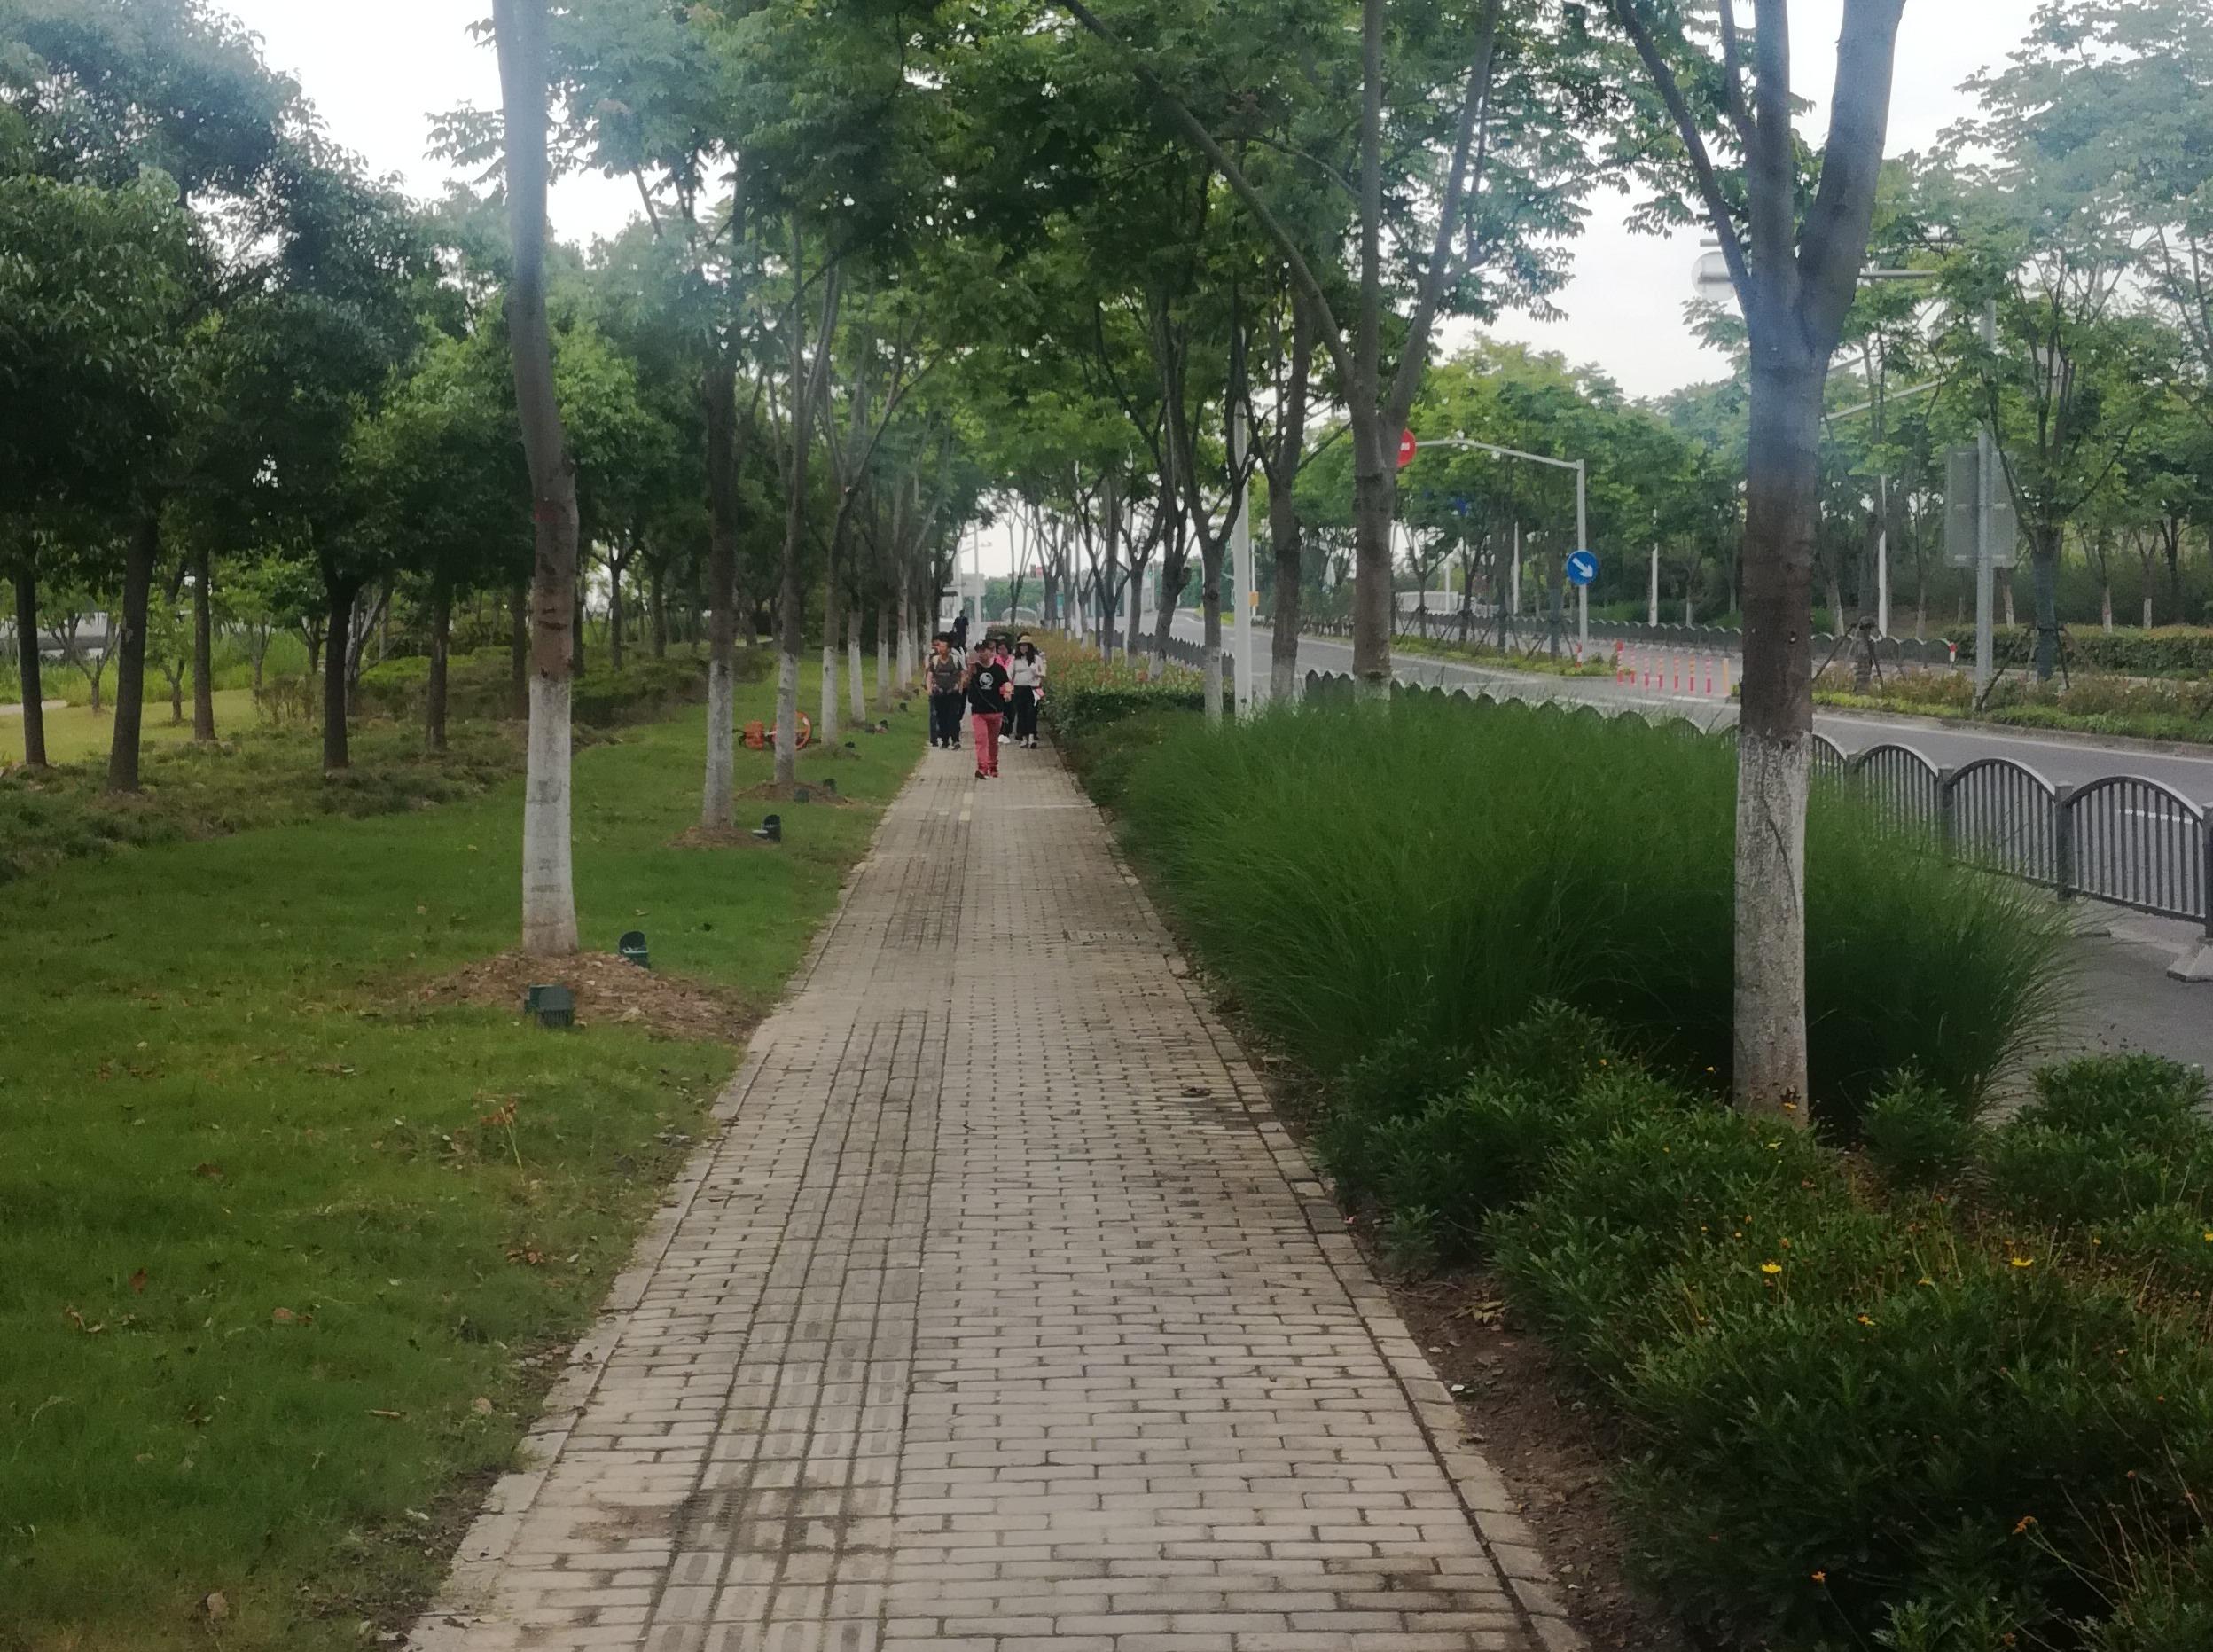 6月7日 东方绿洲地铁站到练塘古镇徒步